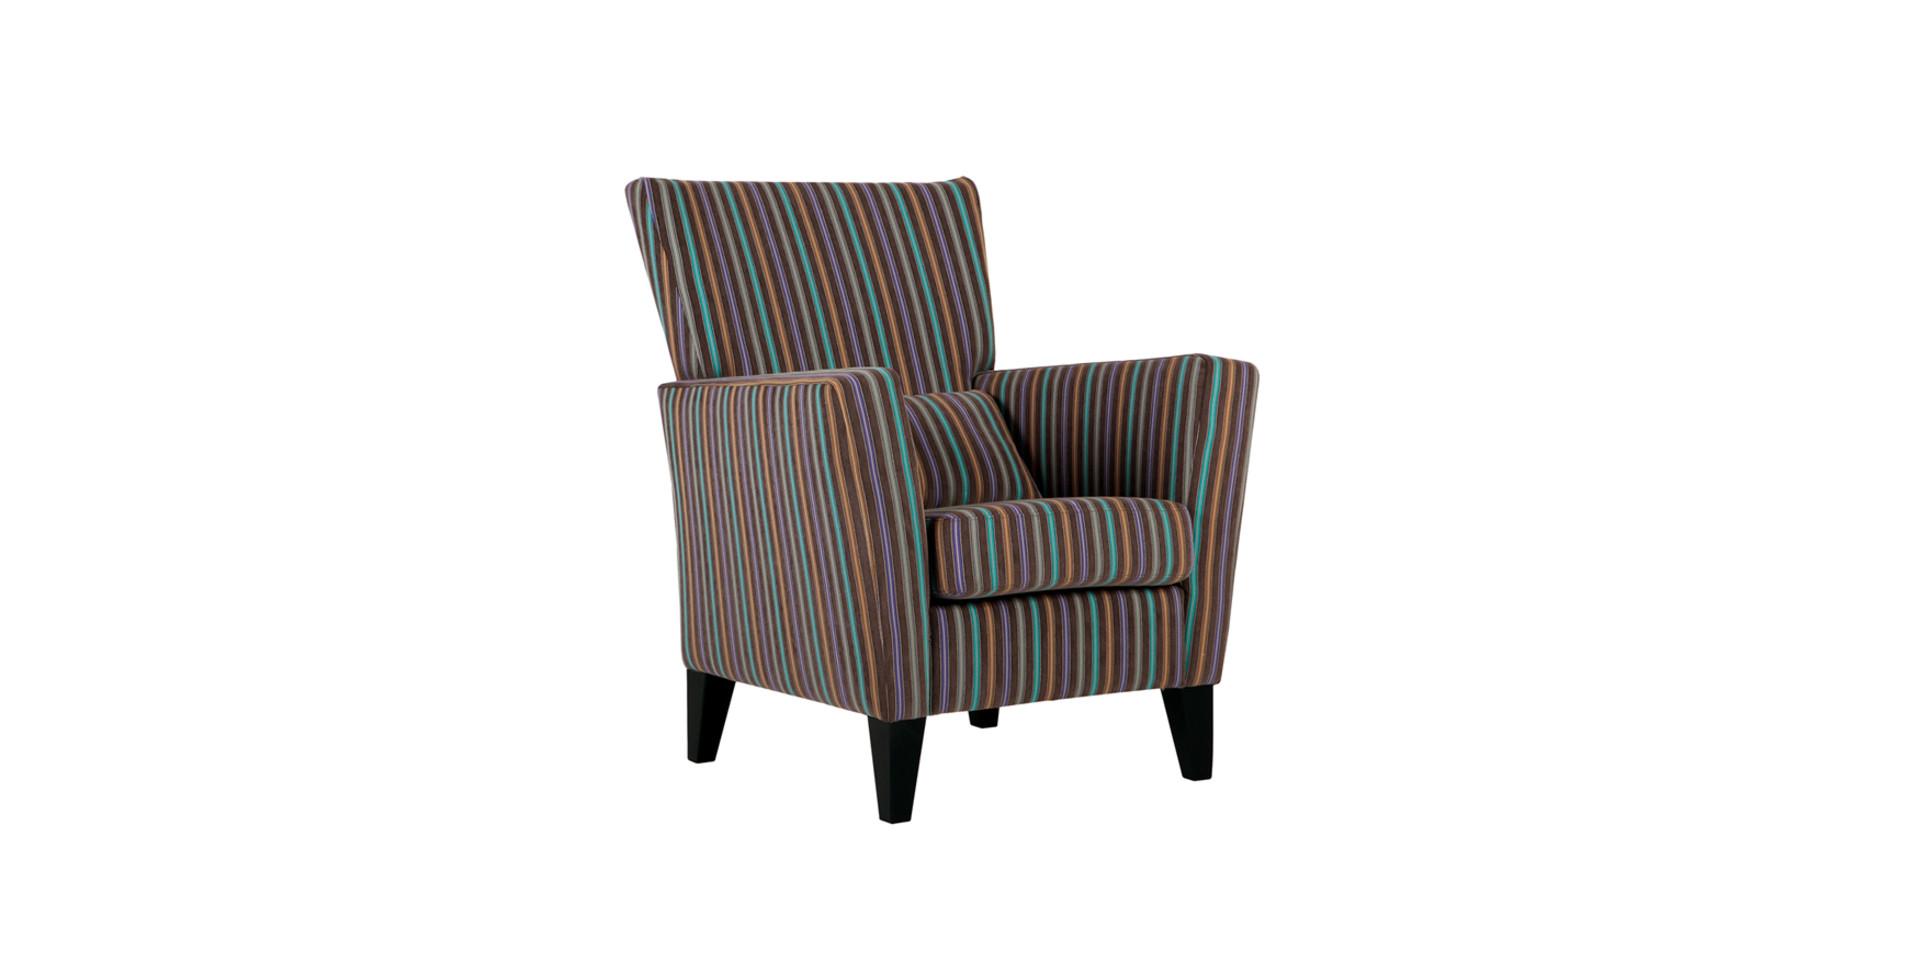 sits-denver-fauteuil-armchair_ponza2_grey_blue_2